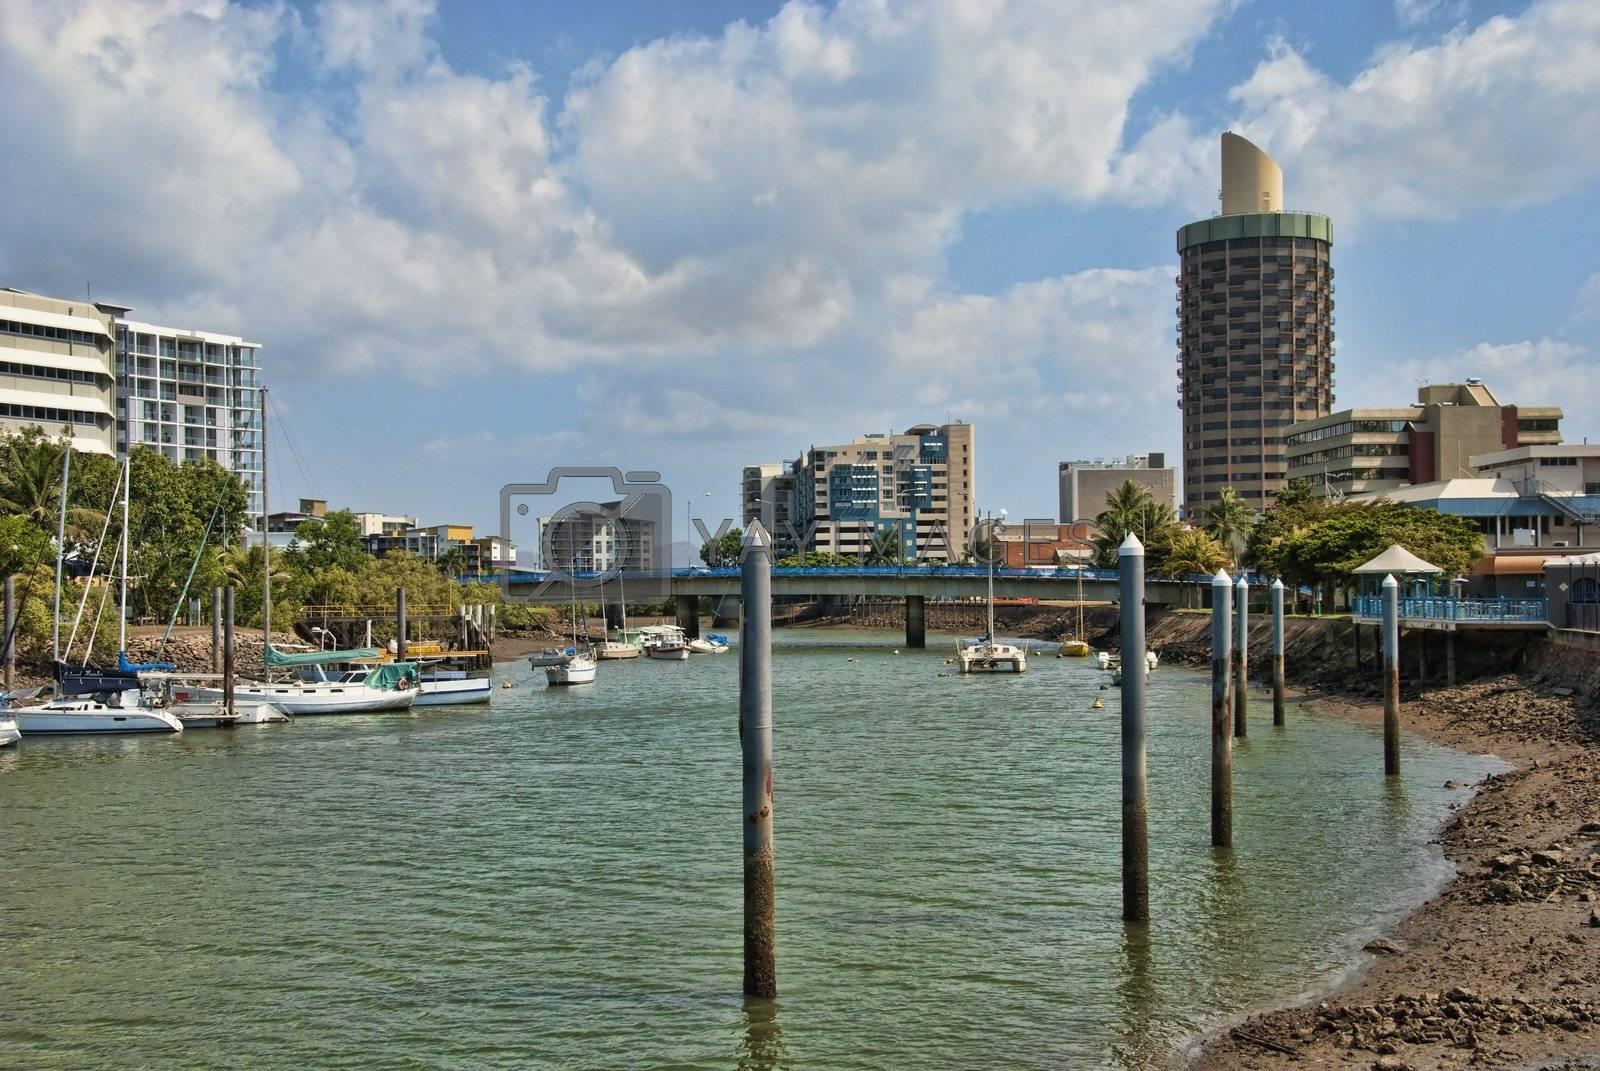 Townsville, Australia by jovannig